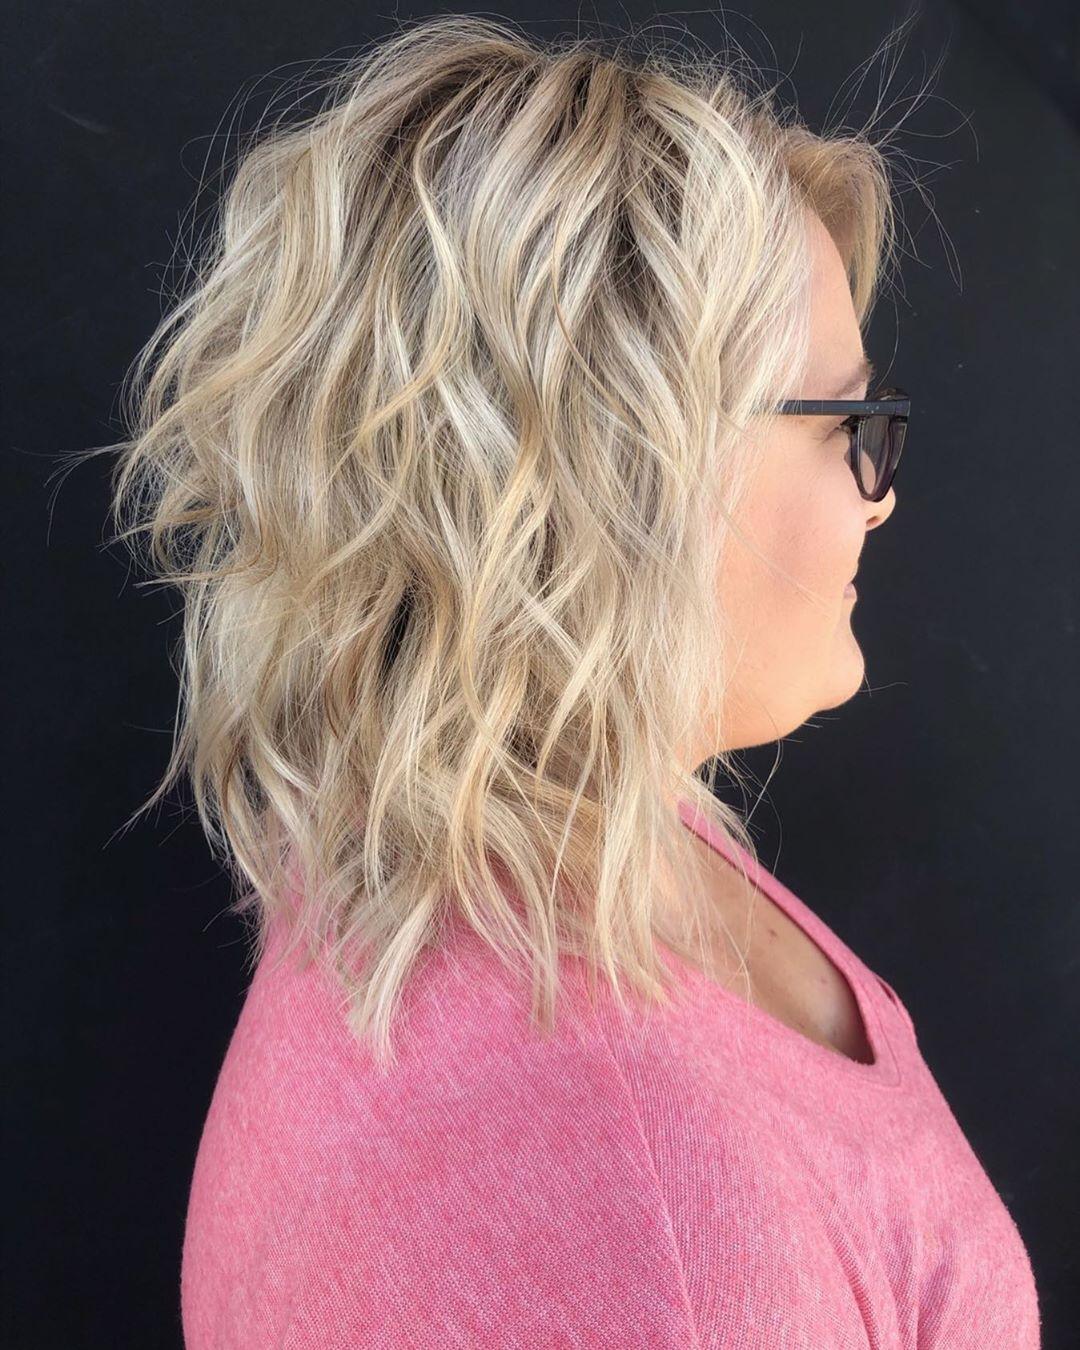 Стрижки после 40 лет на средние волосы для полного лица фото 4